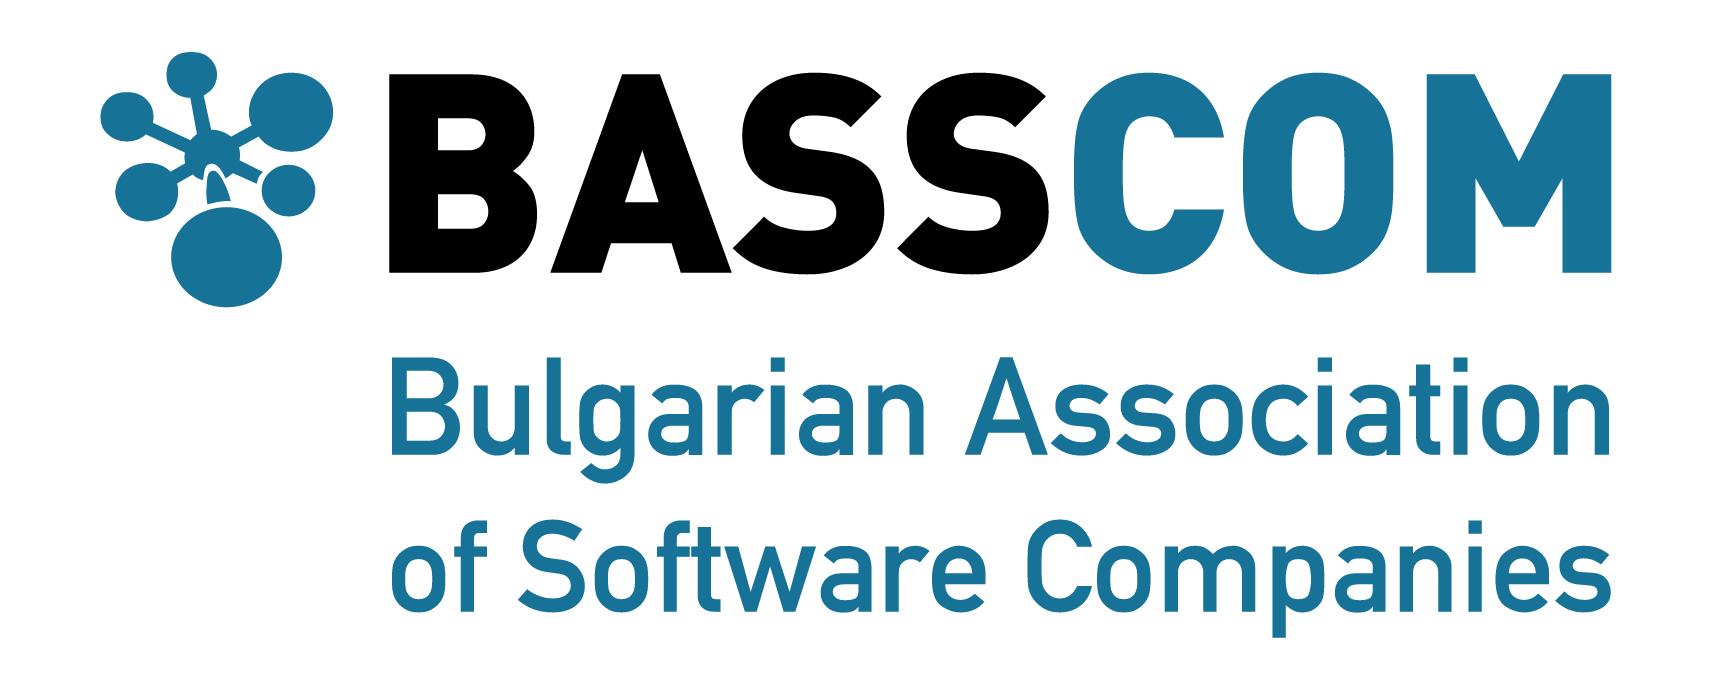 logo_basscom_full_name_300dpi-redesigned